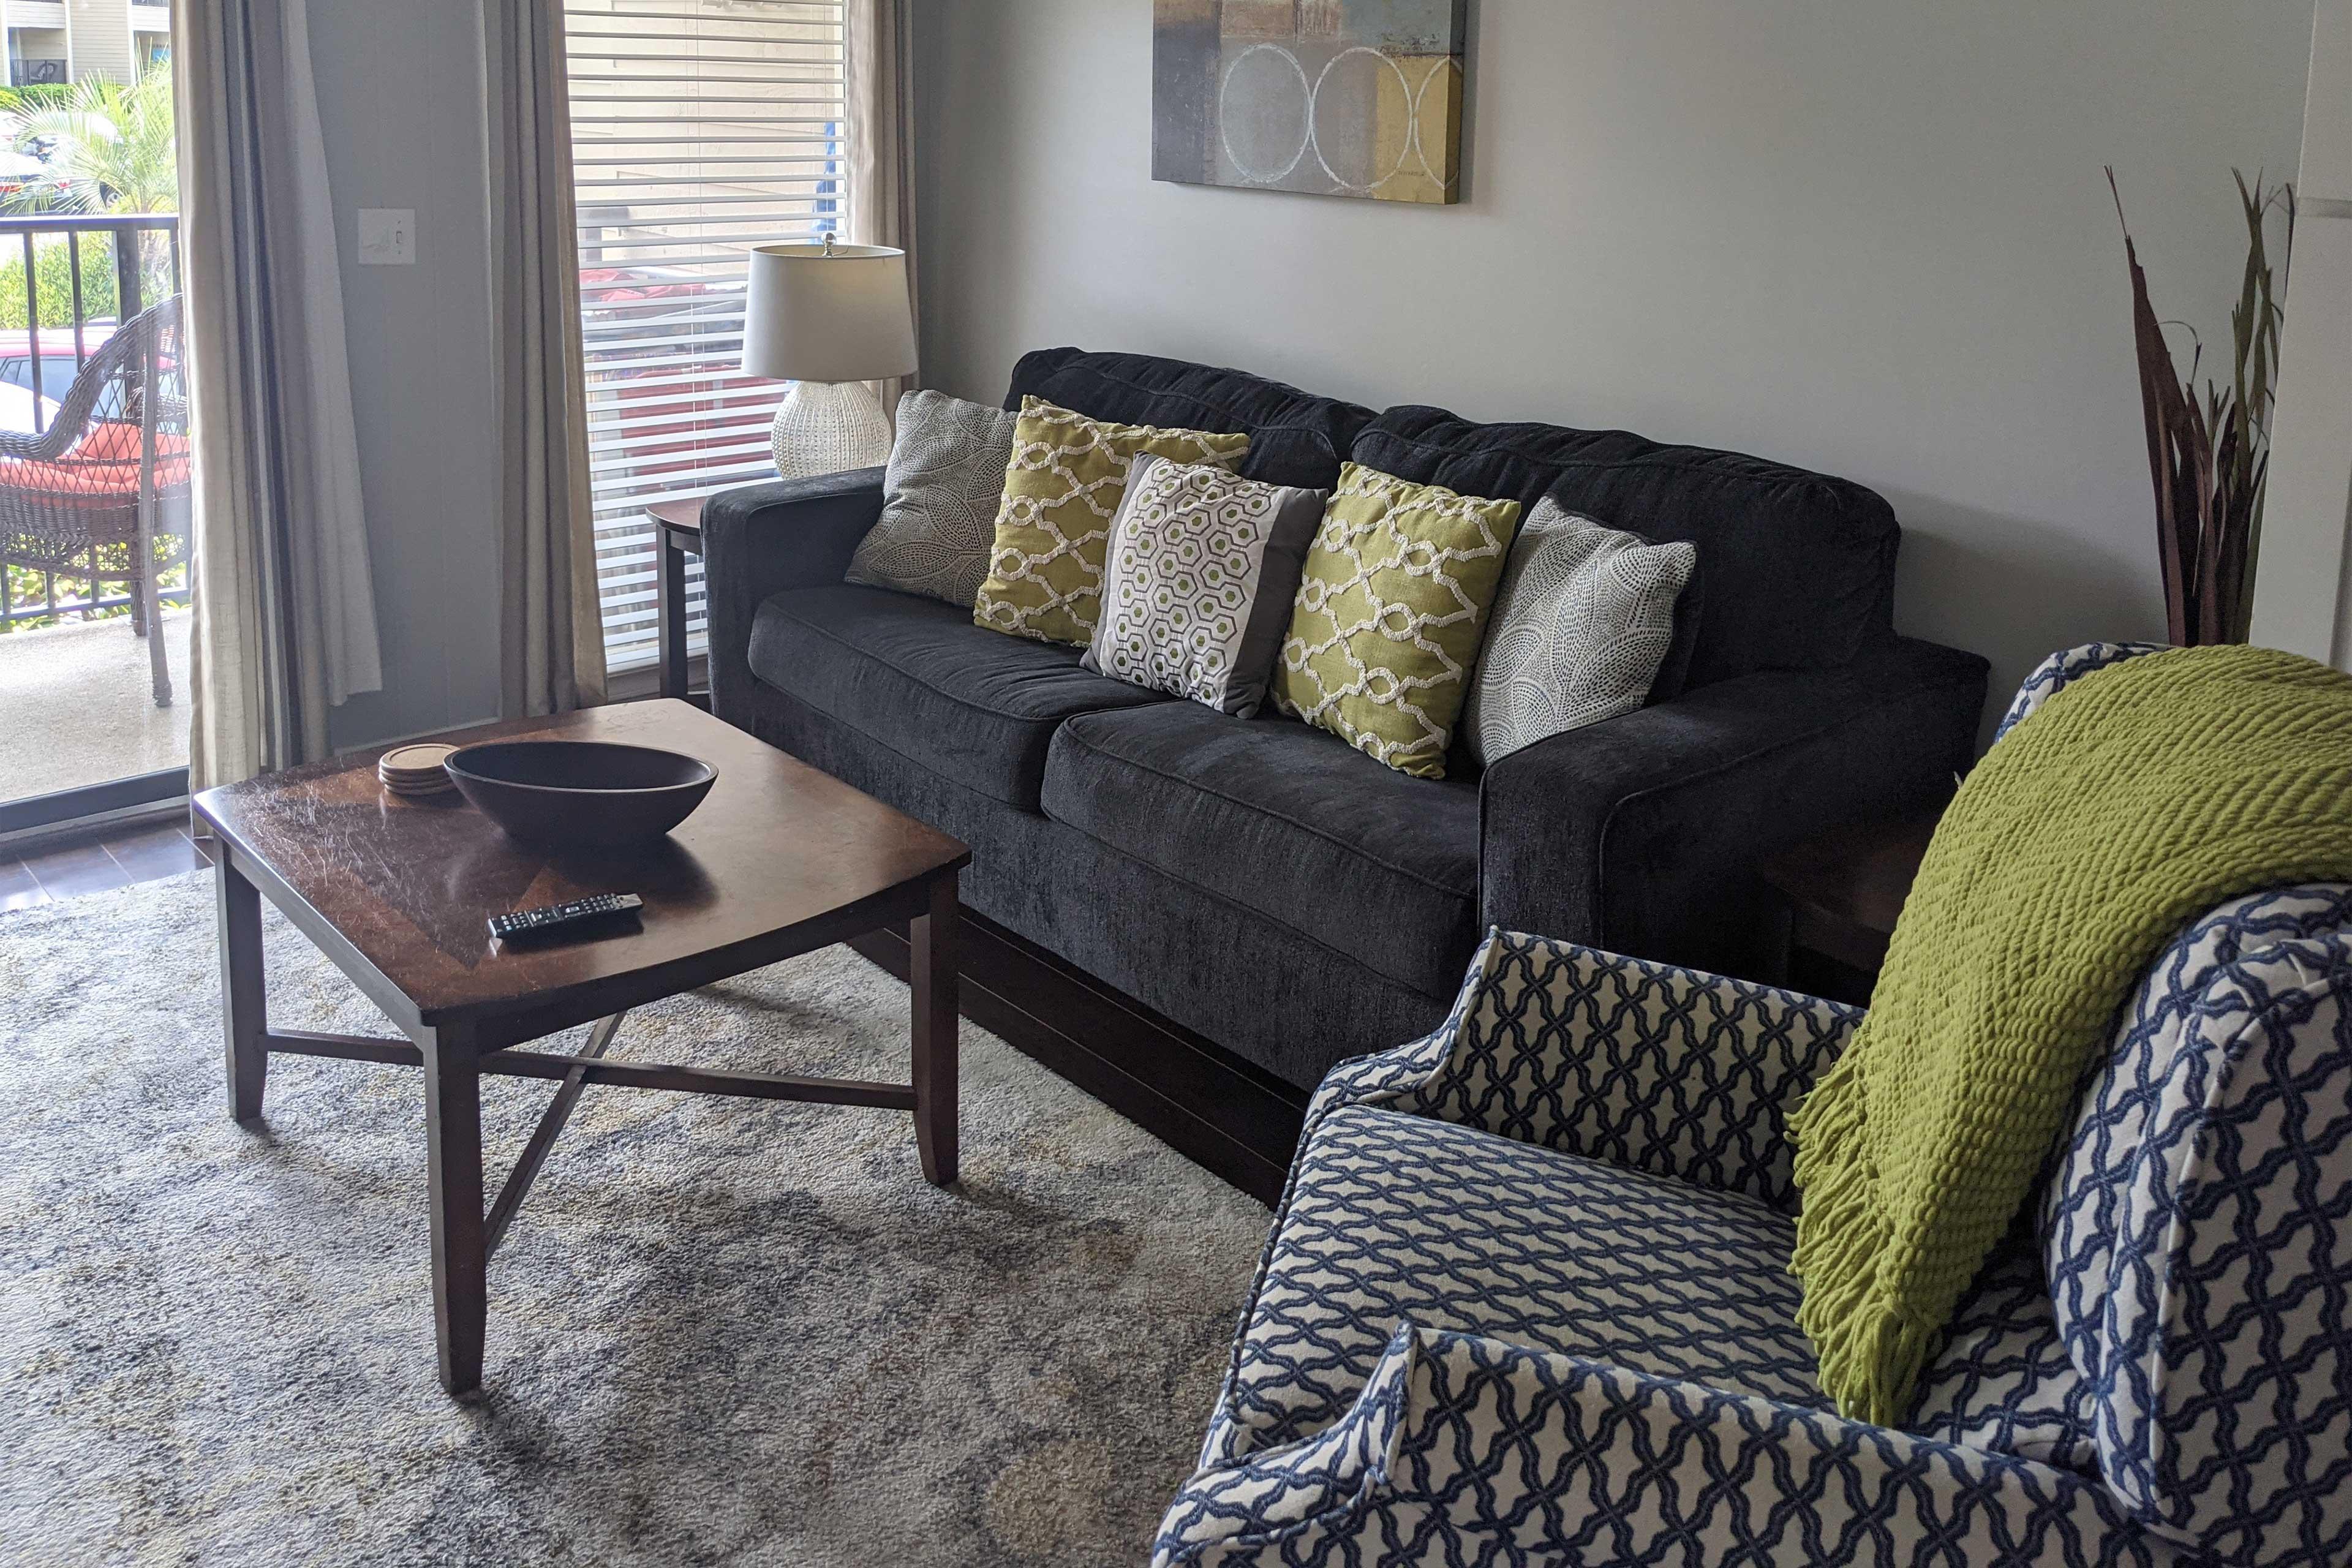 Living Room | Recently Updated | Smart TV